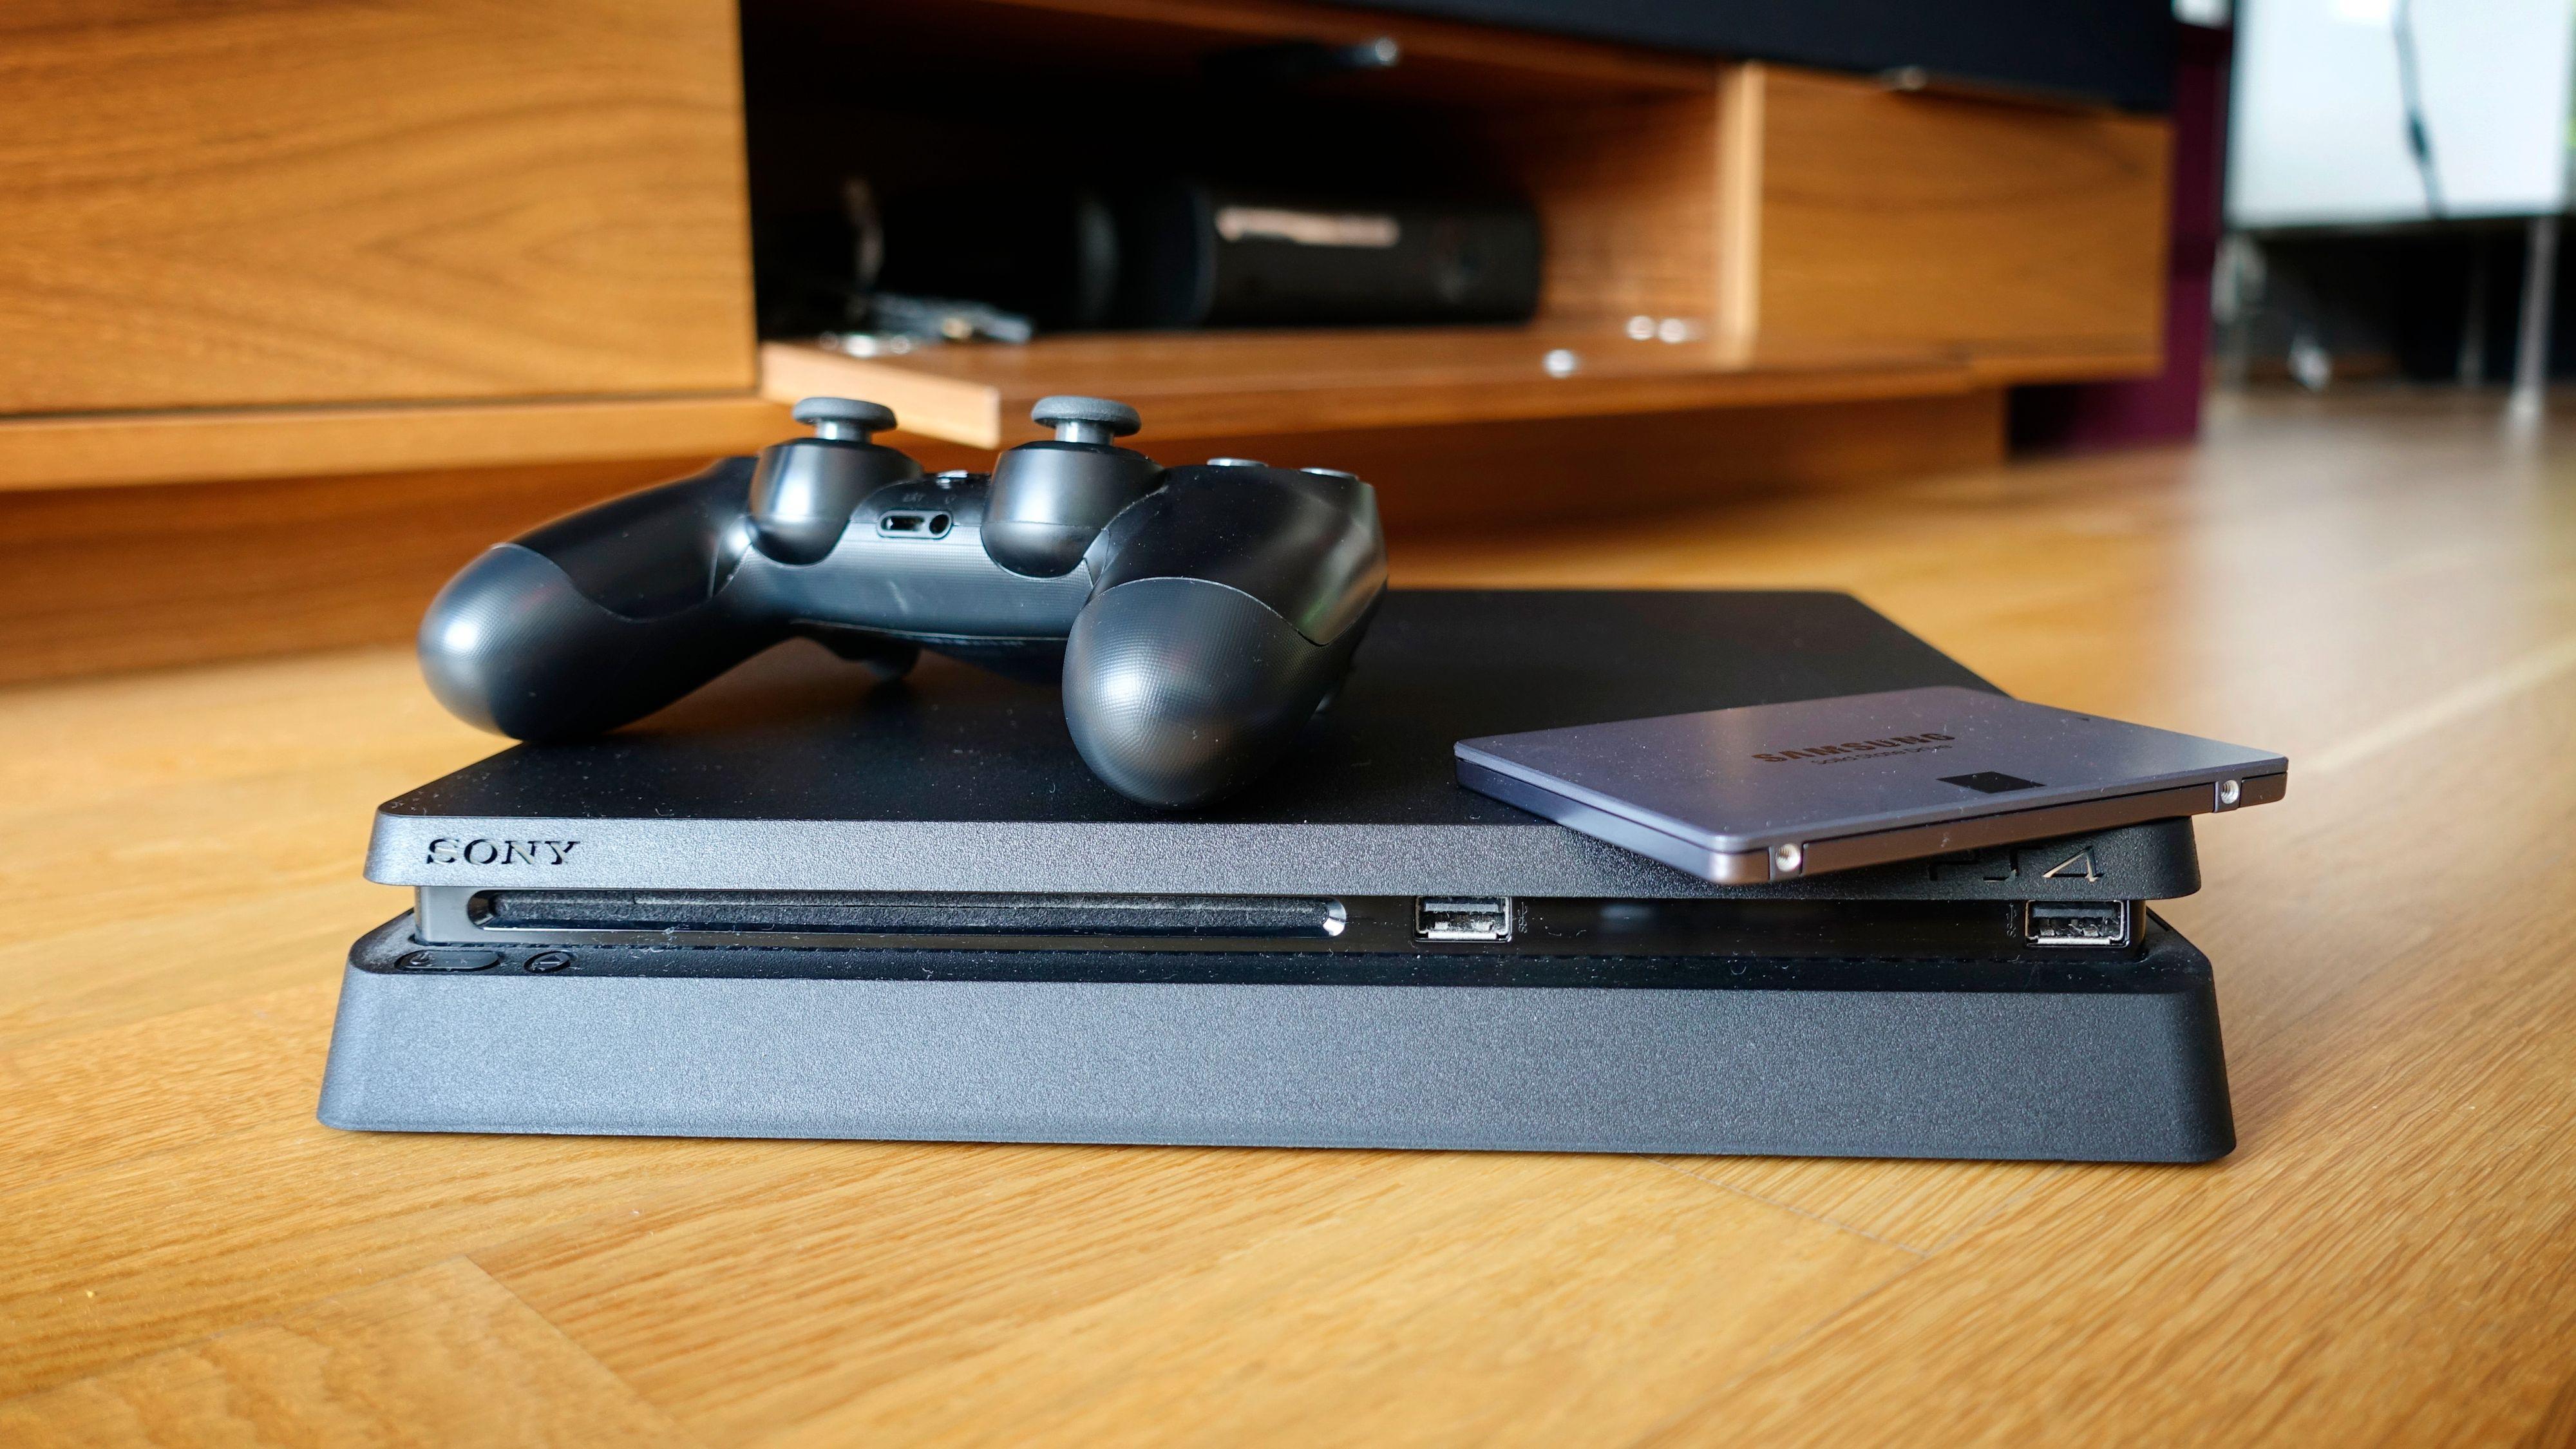 Bytte harddisk på Playstation 4